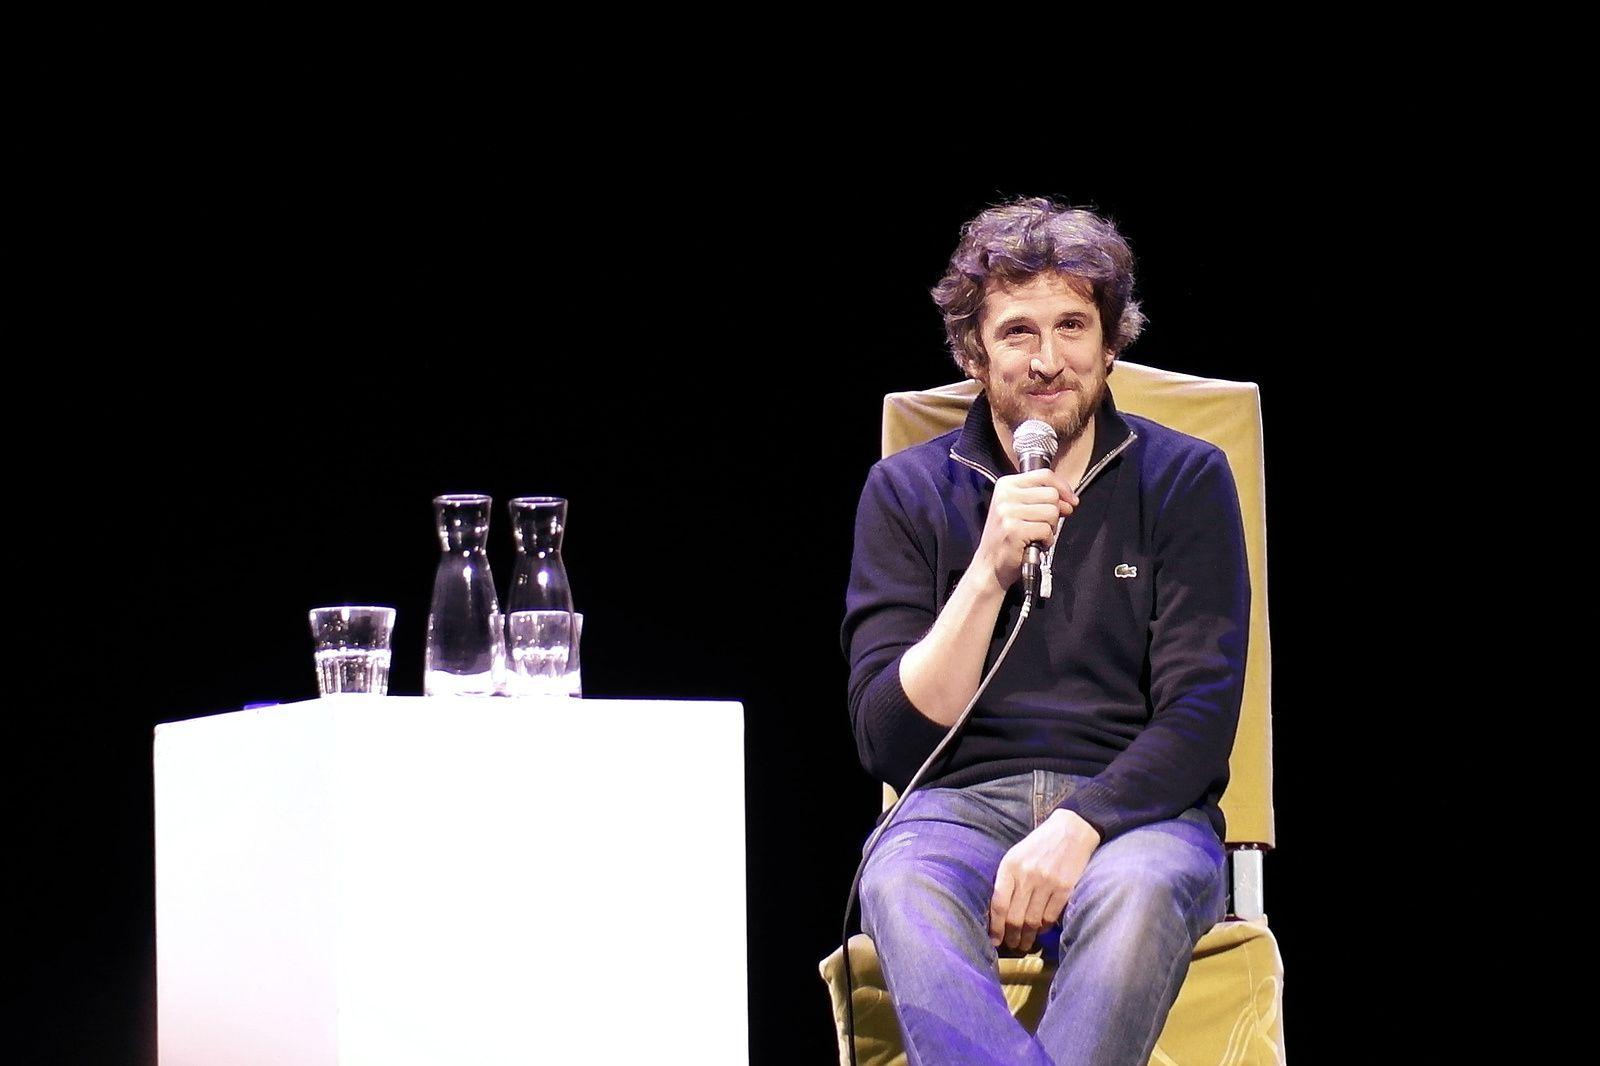 GUILLAUME CANET, rencontre au Théâtre du Rond-Point (20/02/2017)